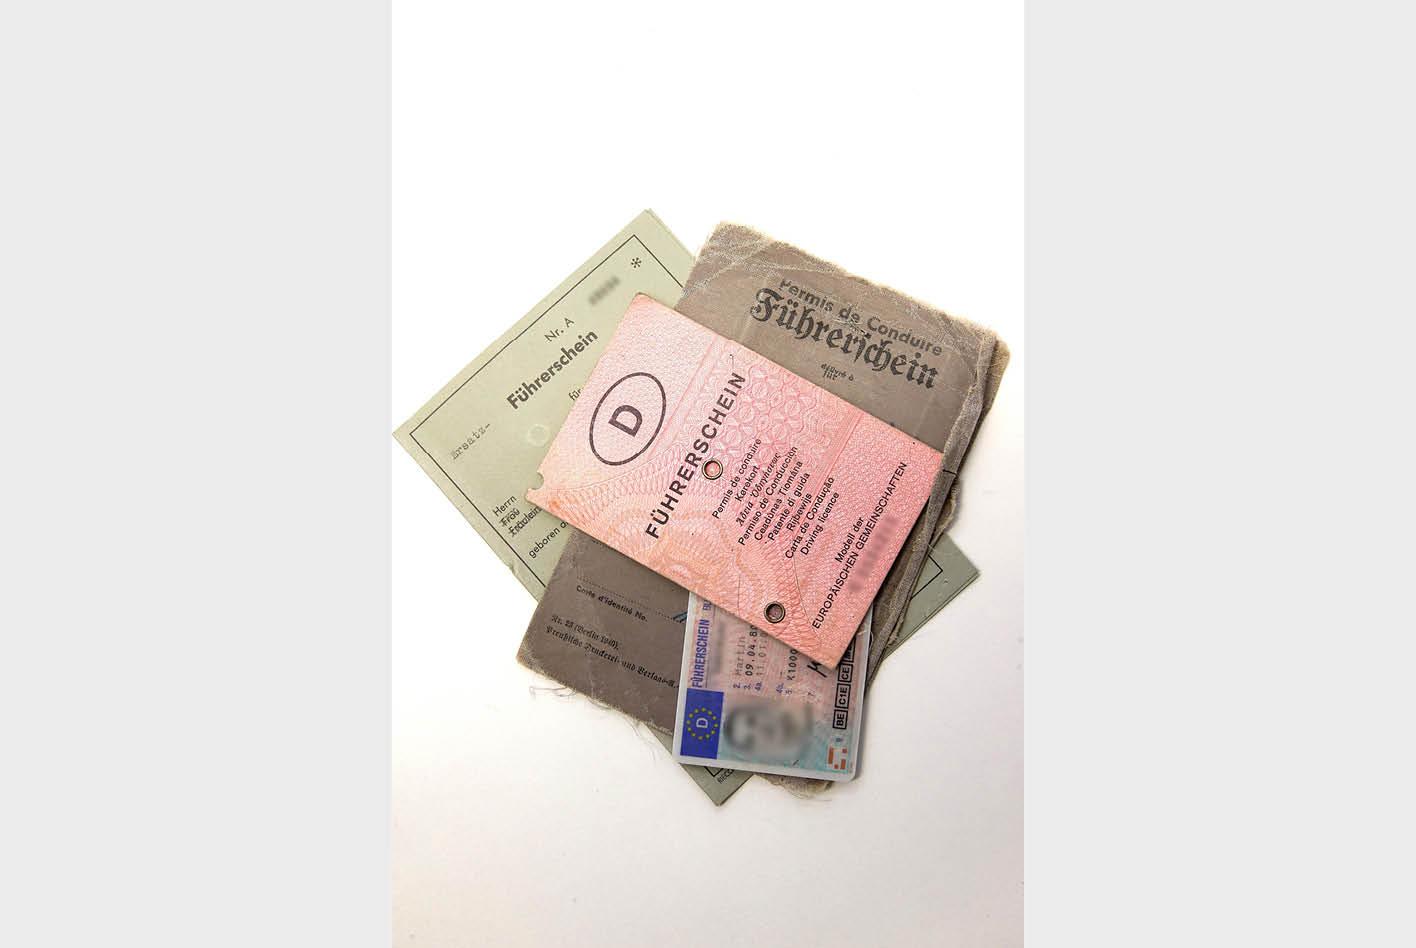 Alte_Führerscheine_müssen_umgetauscht_werden